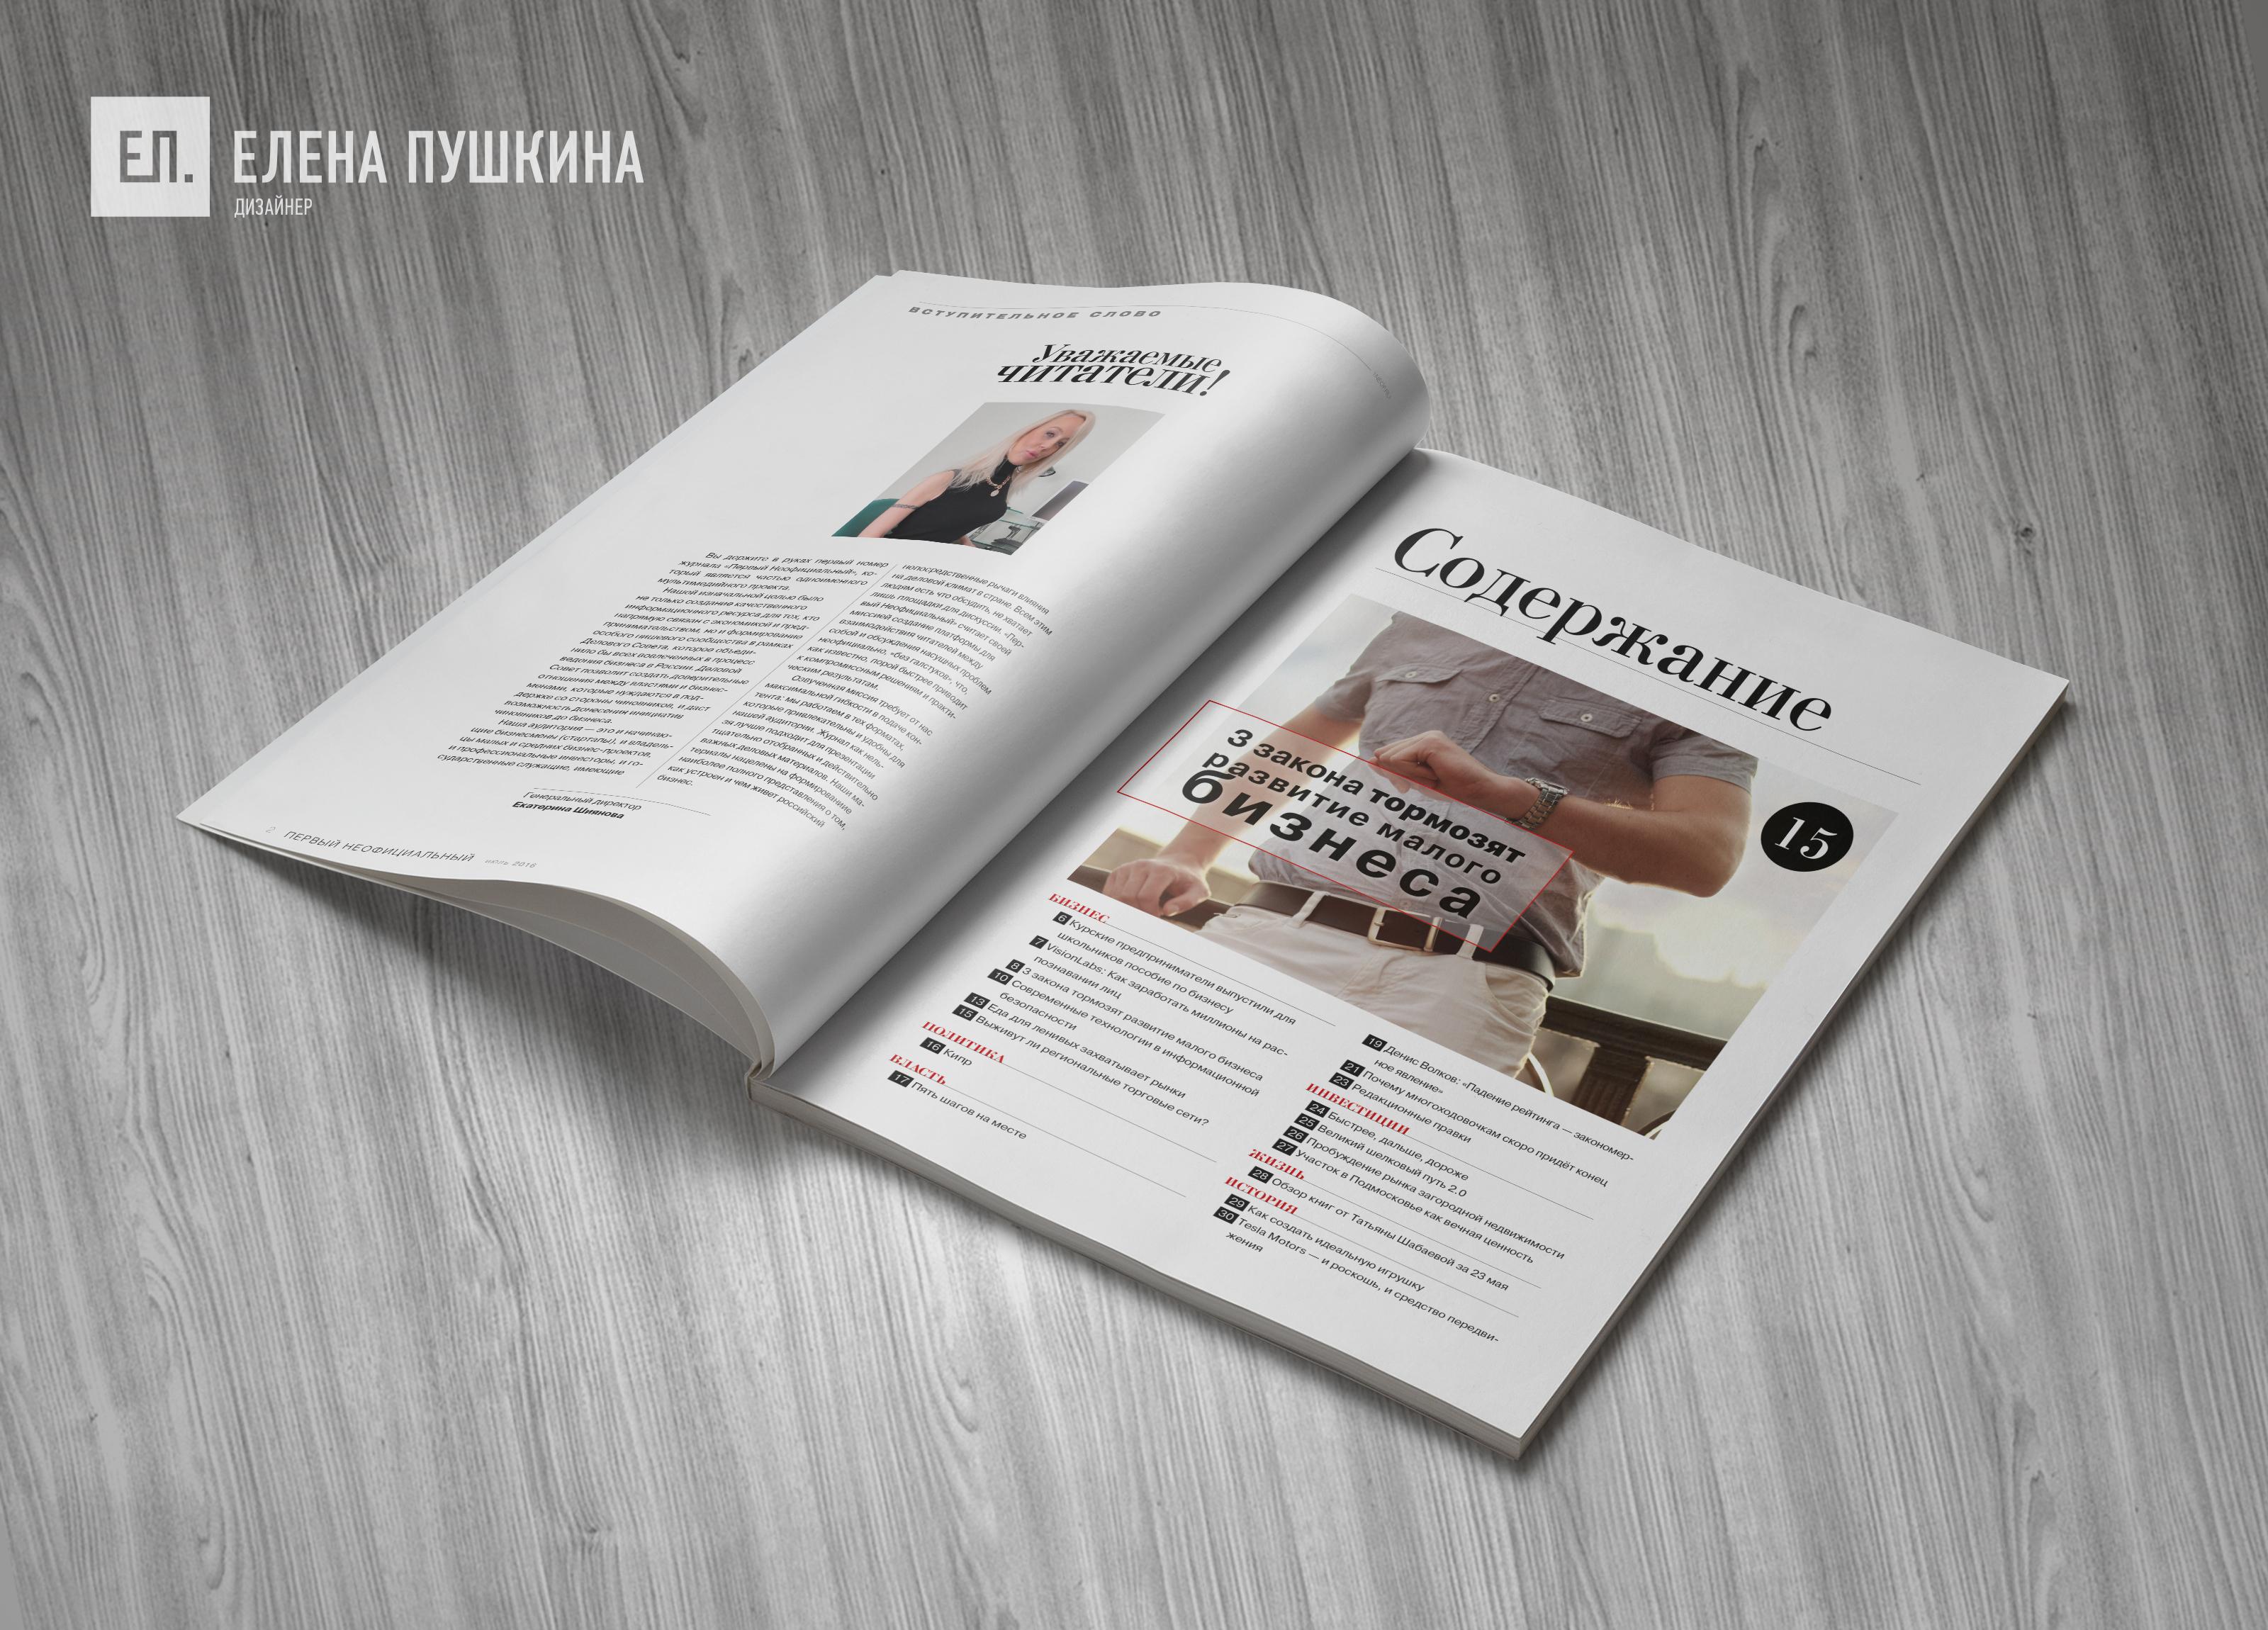 Журнал «Первый неофициальный»— разработка с«нуля» логотипа, обложки, макета ивёрстка журнала Разработка журналов Портфолио